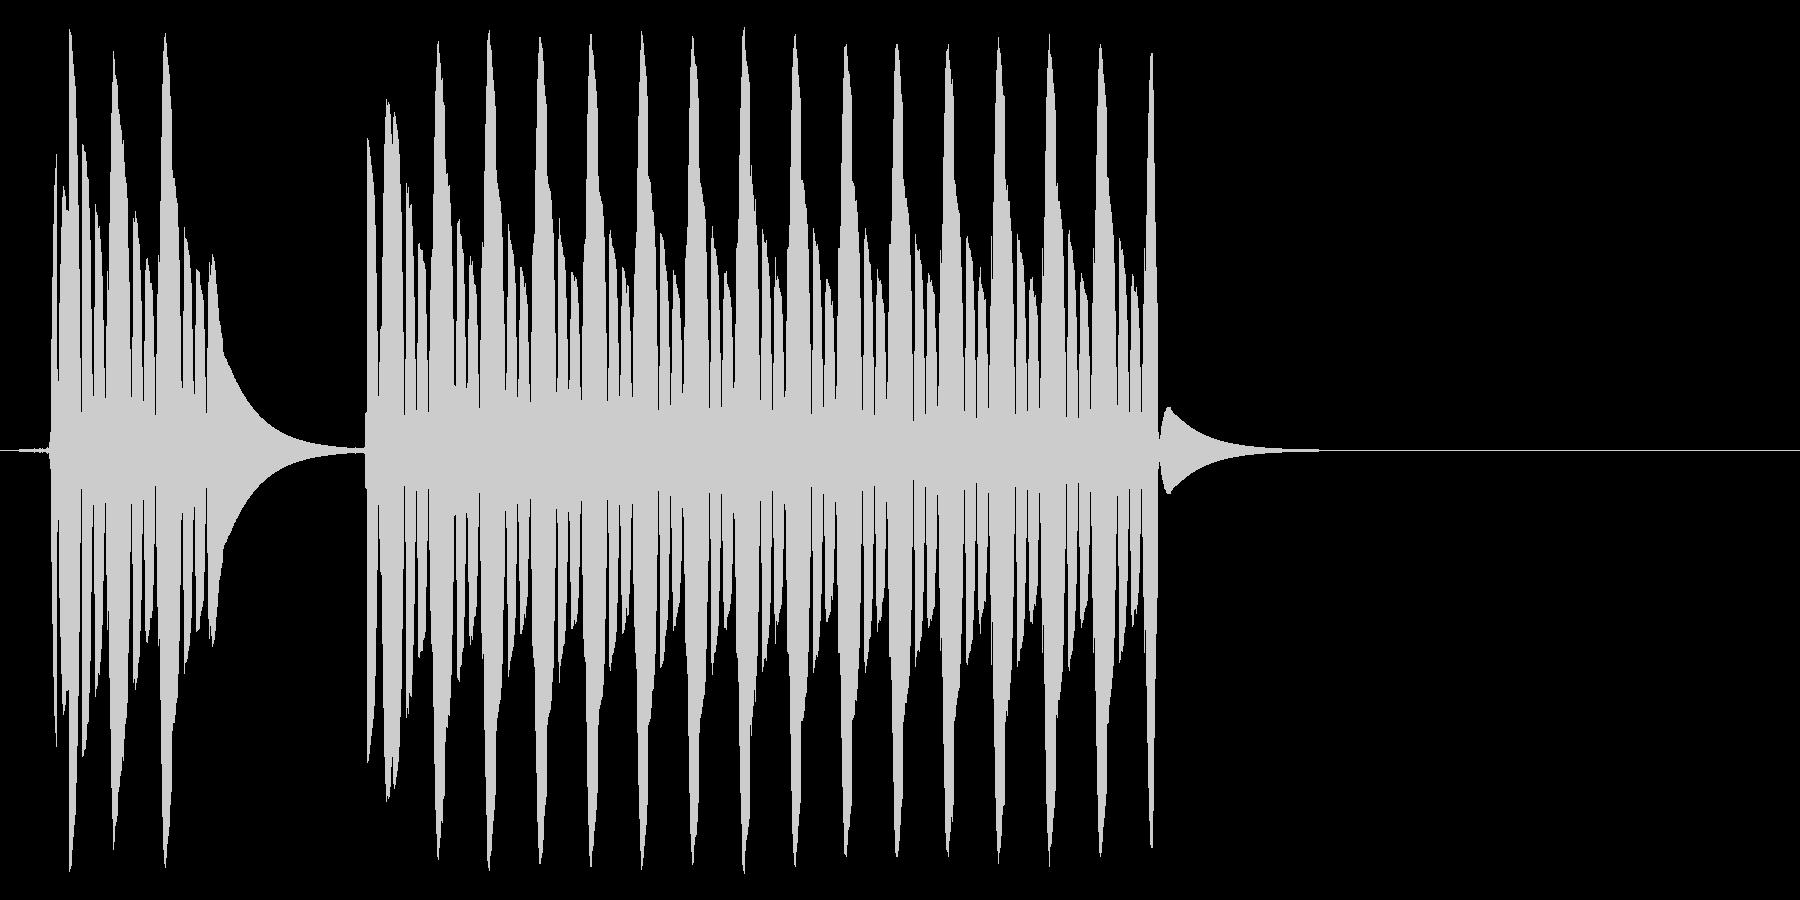 【効果音】クイズ系_はずれ01の未再生の波形